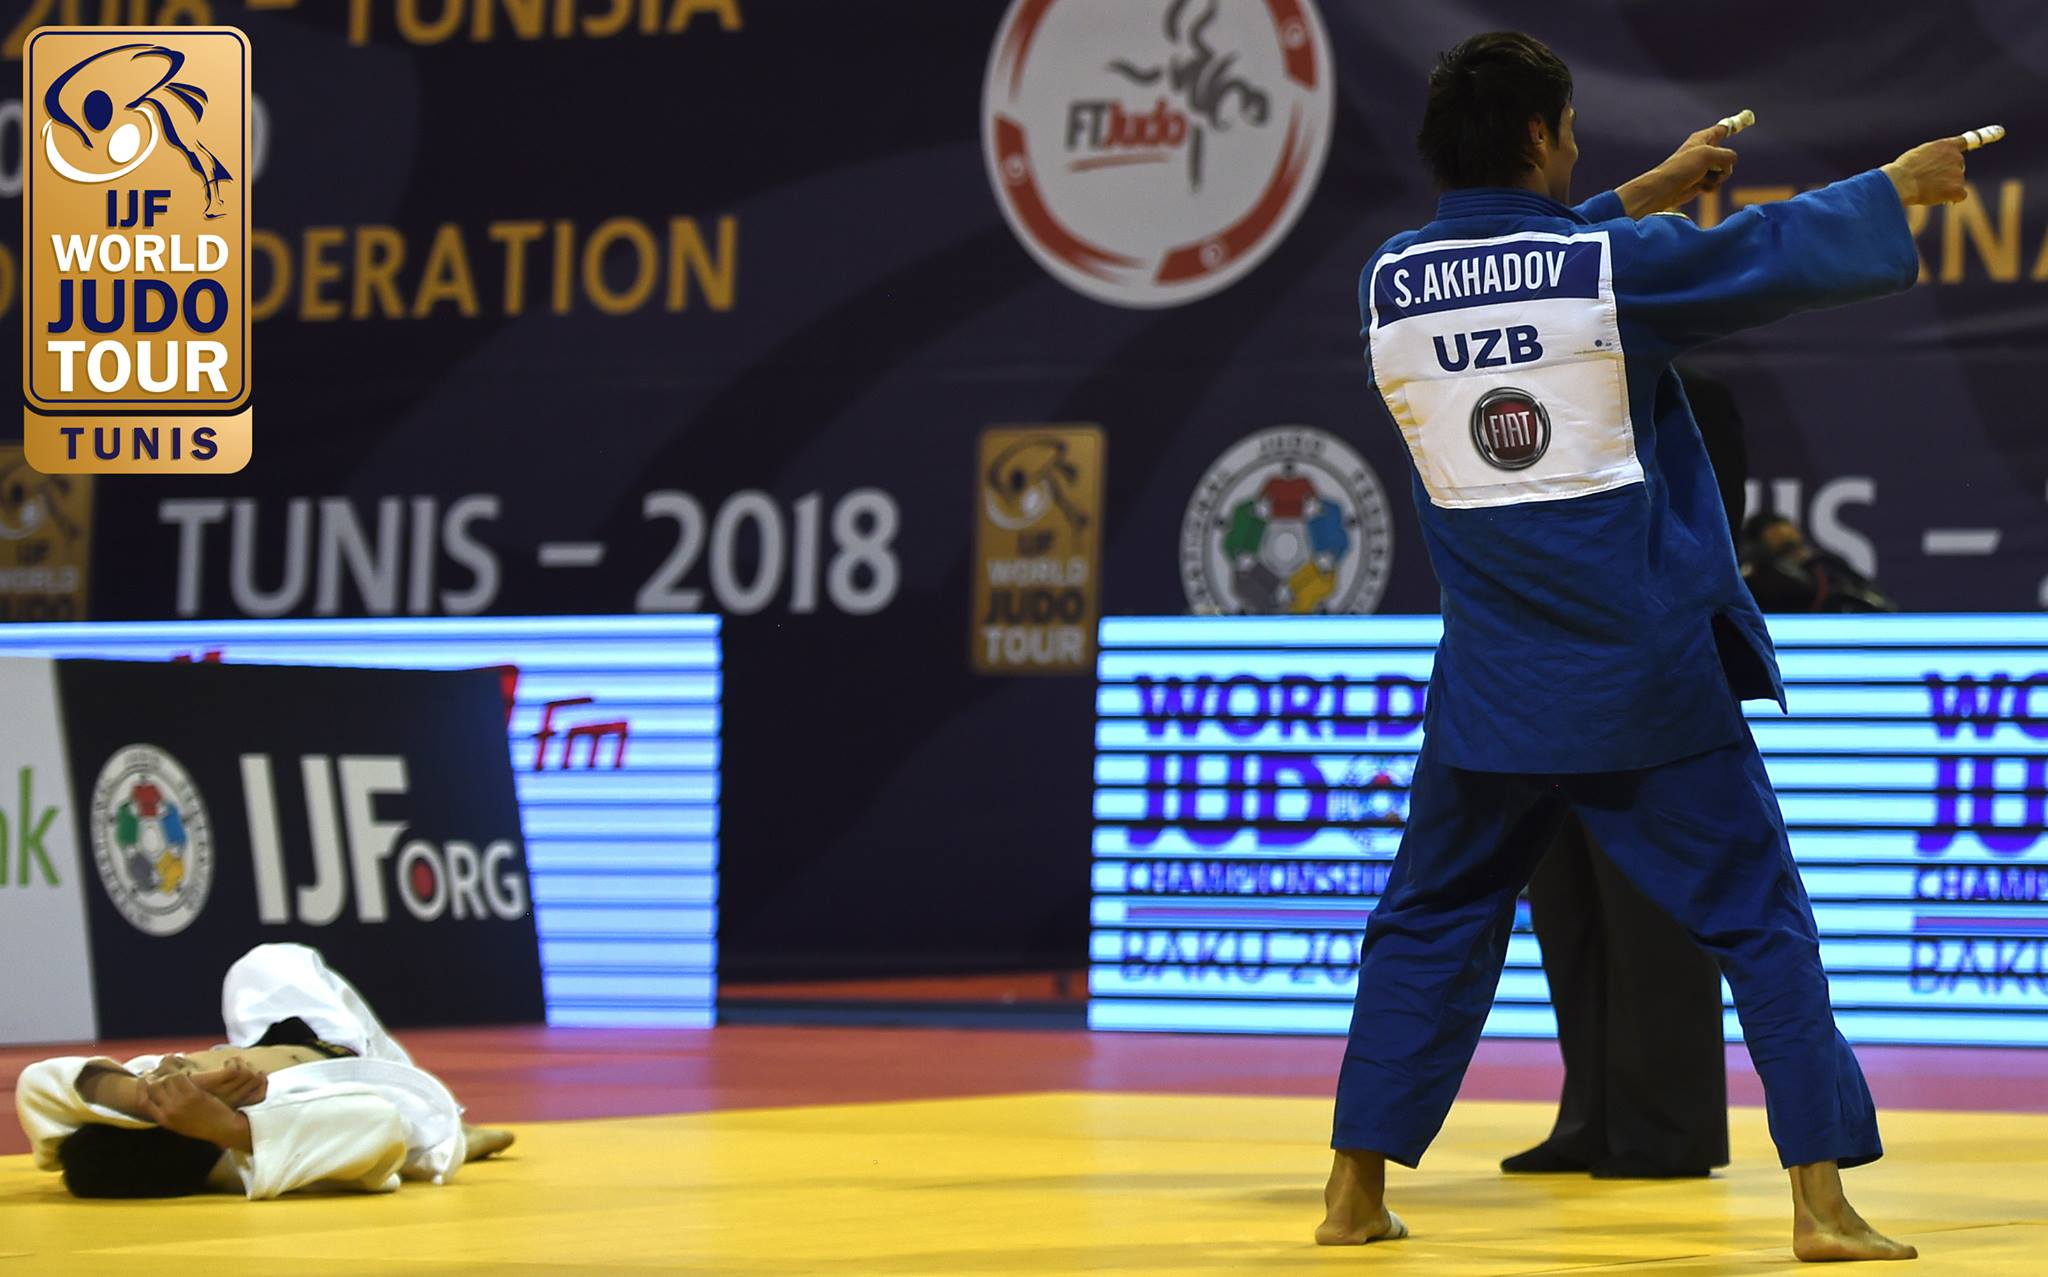 https://alternativeprod.com/portfolio/fiat-sponsor-du-grand-prix-judo-2018/